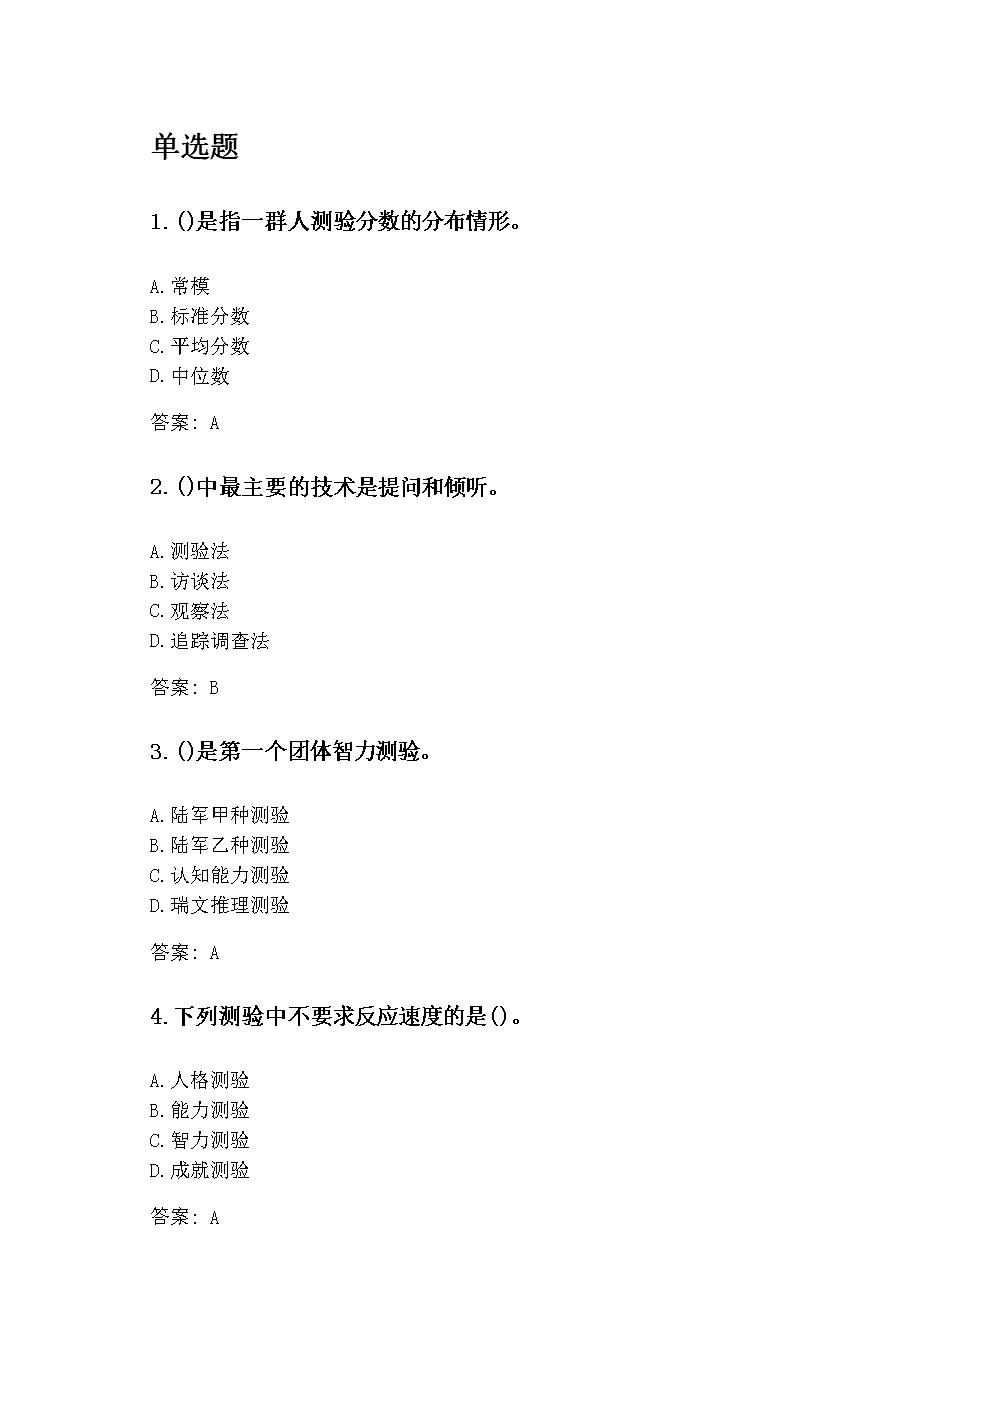 奥鹏东北师范大学2020年9月《心理评价技术》考前练兵.doc